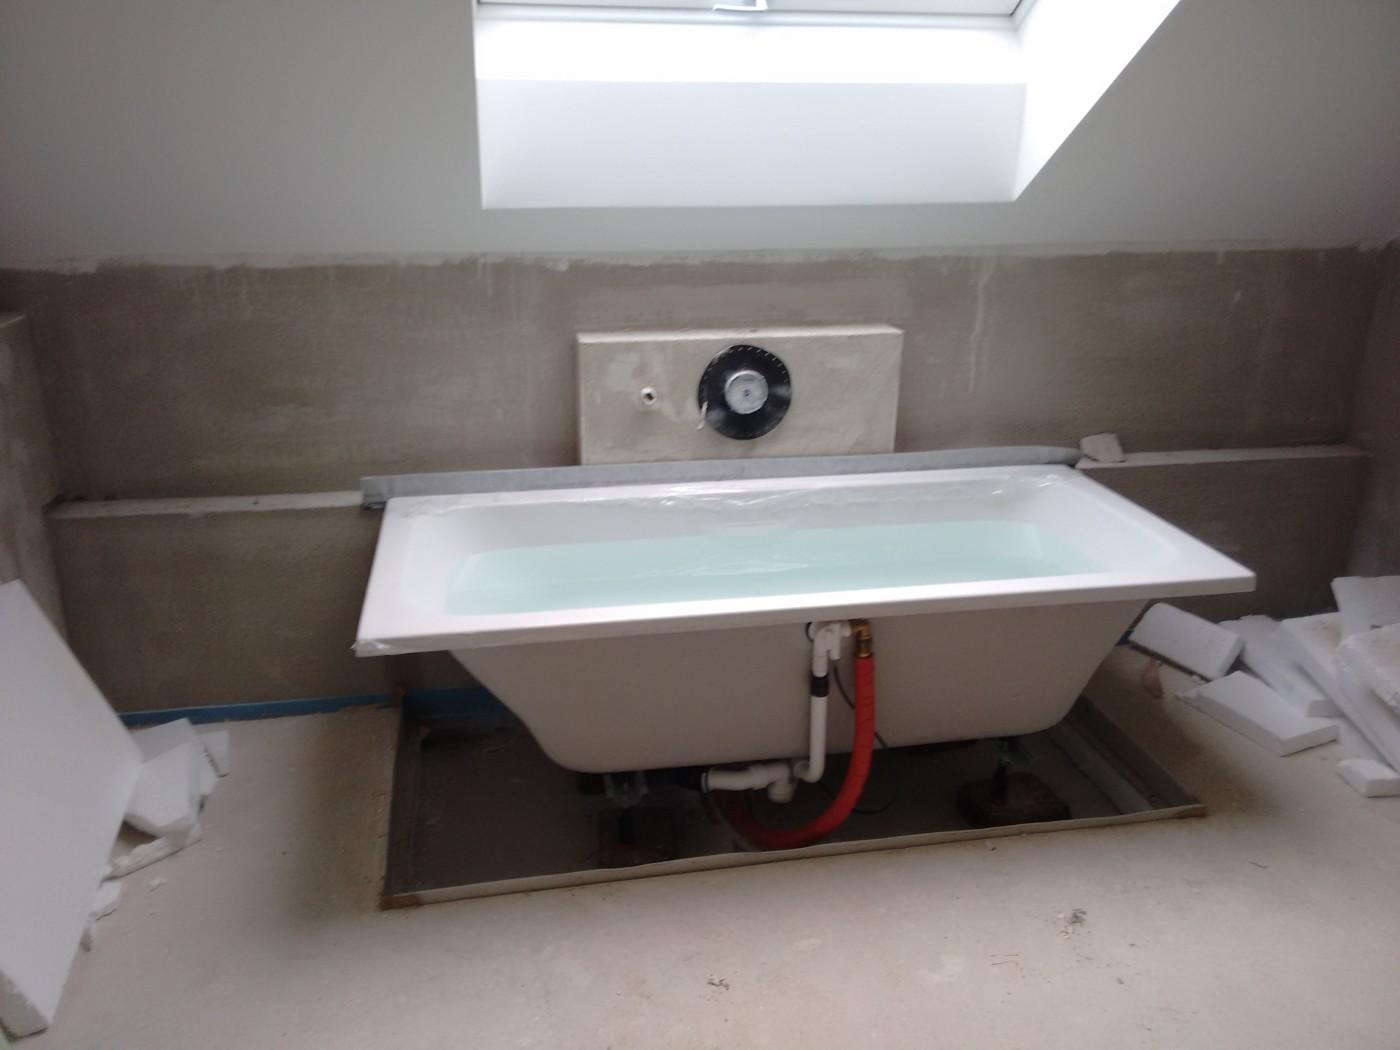 duschrinne einbauen estrich large size of dusche estrich duschen einbau einer aco showerdrain. Black Bedroom Furniture Sets. Home Design Ideas